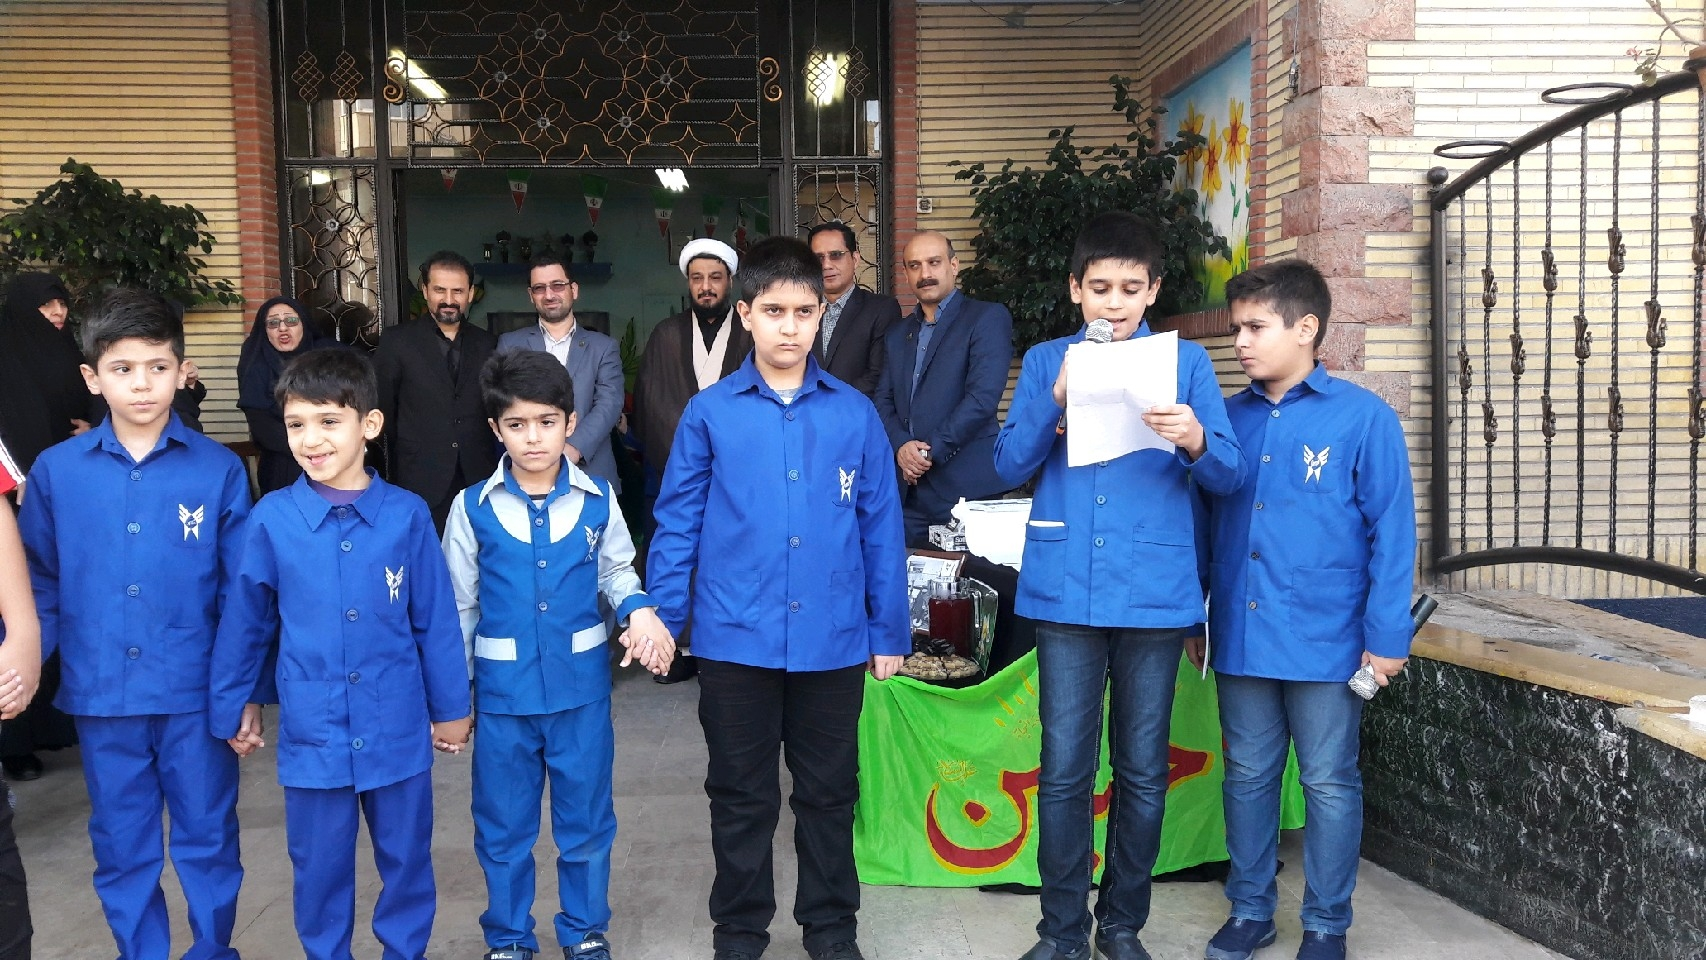 مراسم بزرگداشت شهادت+ محمد طاها اقدامی